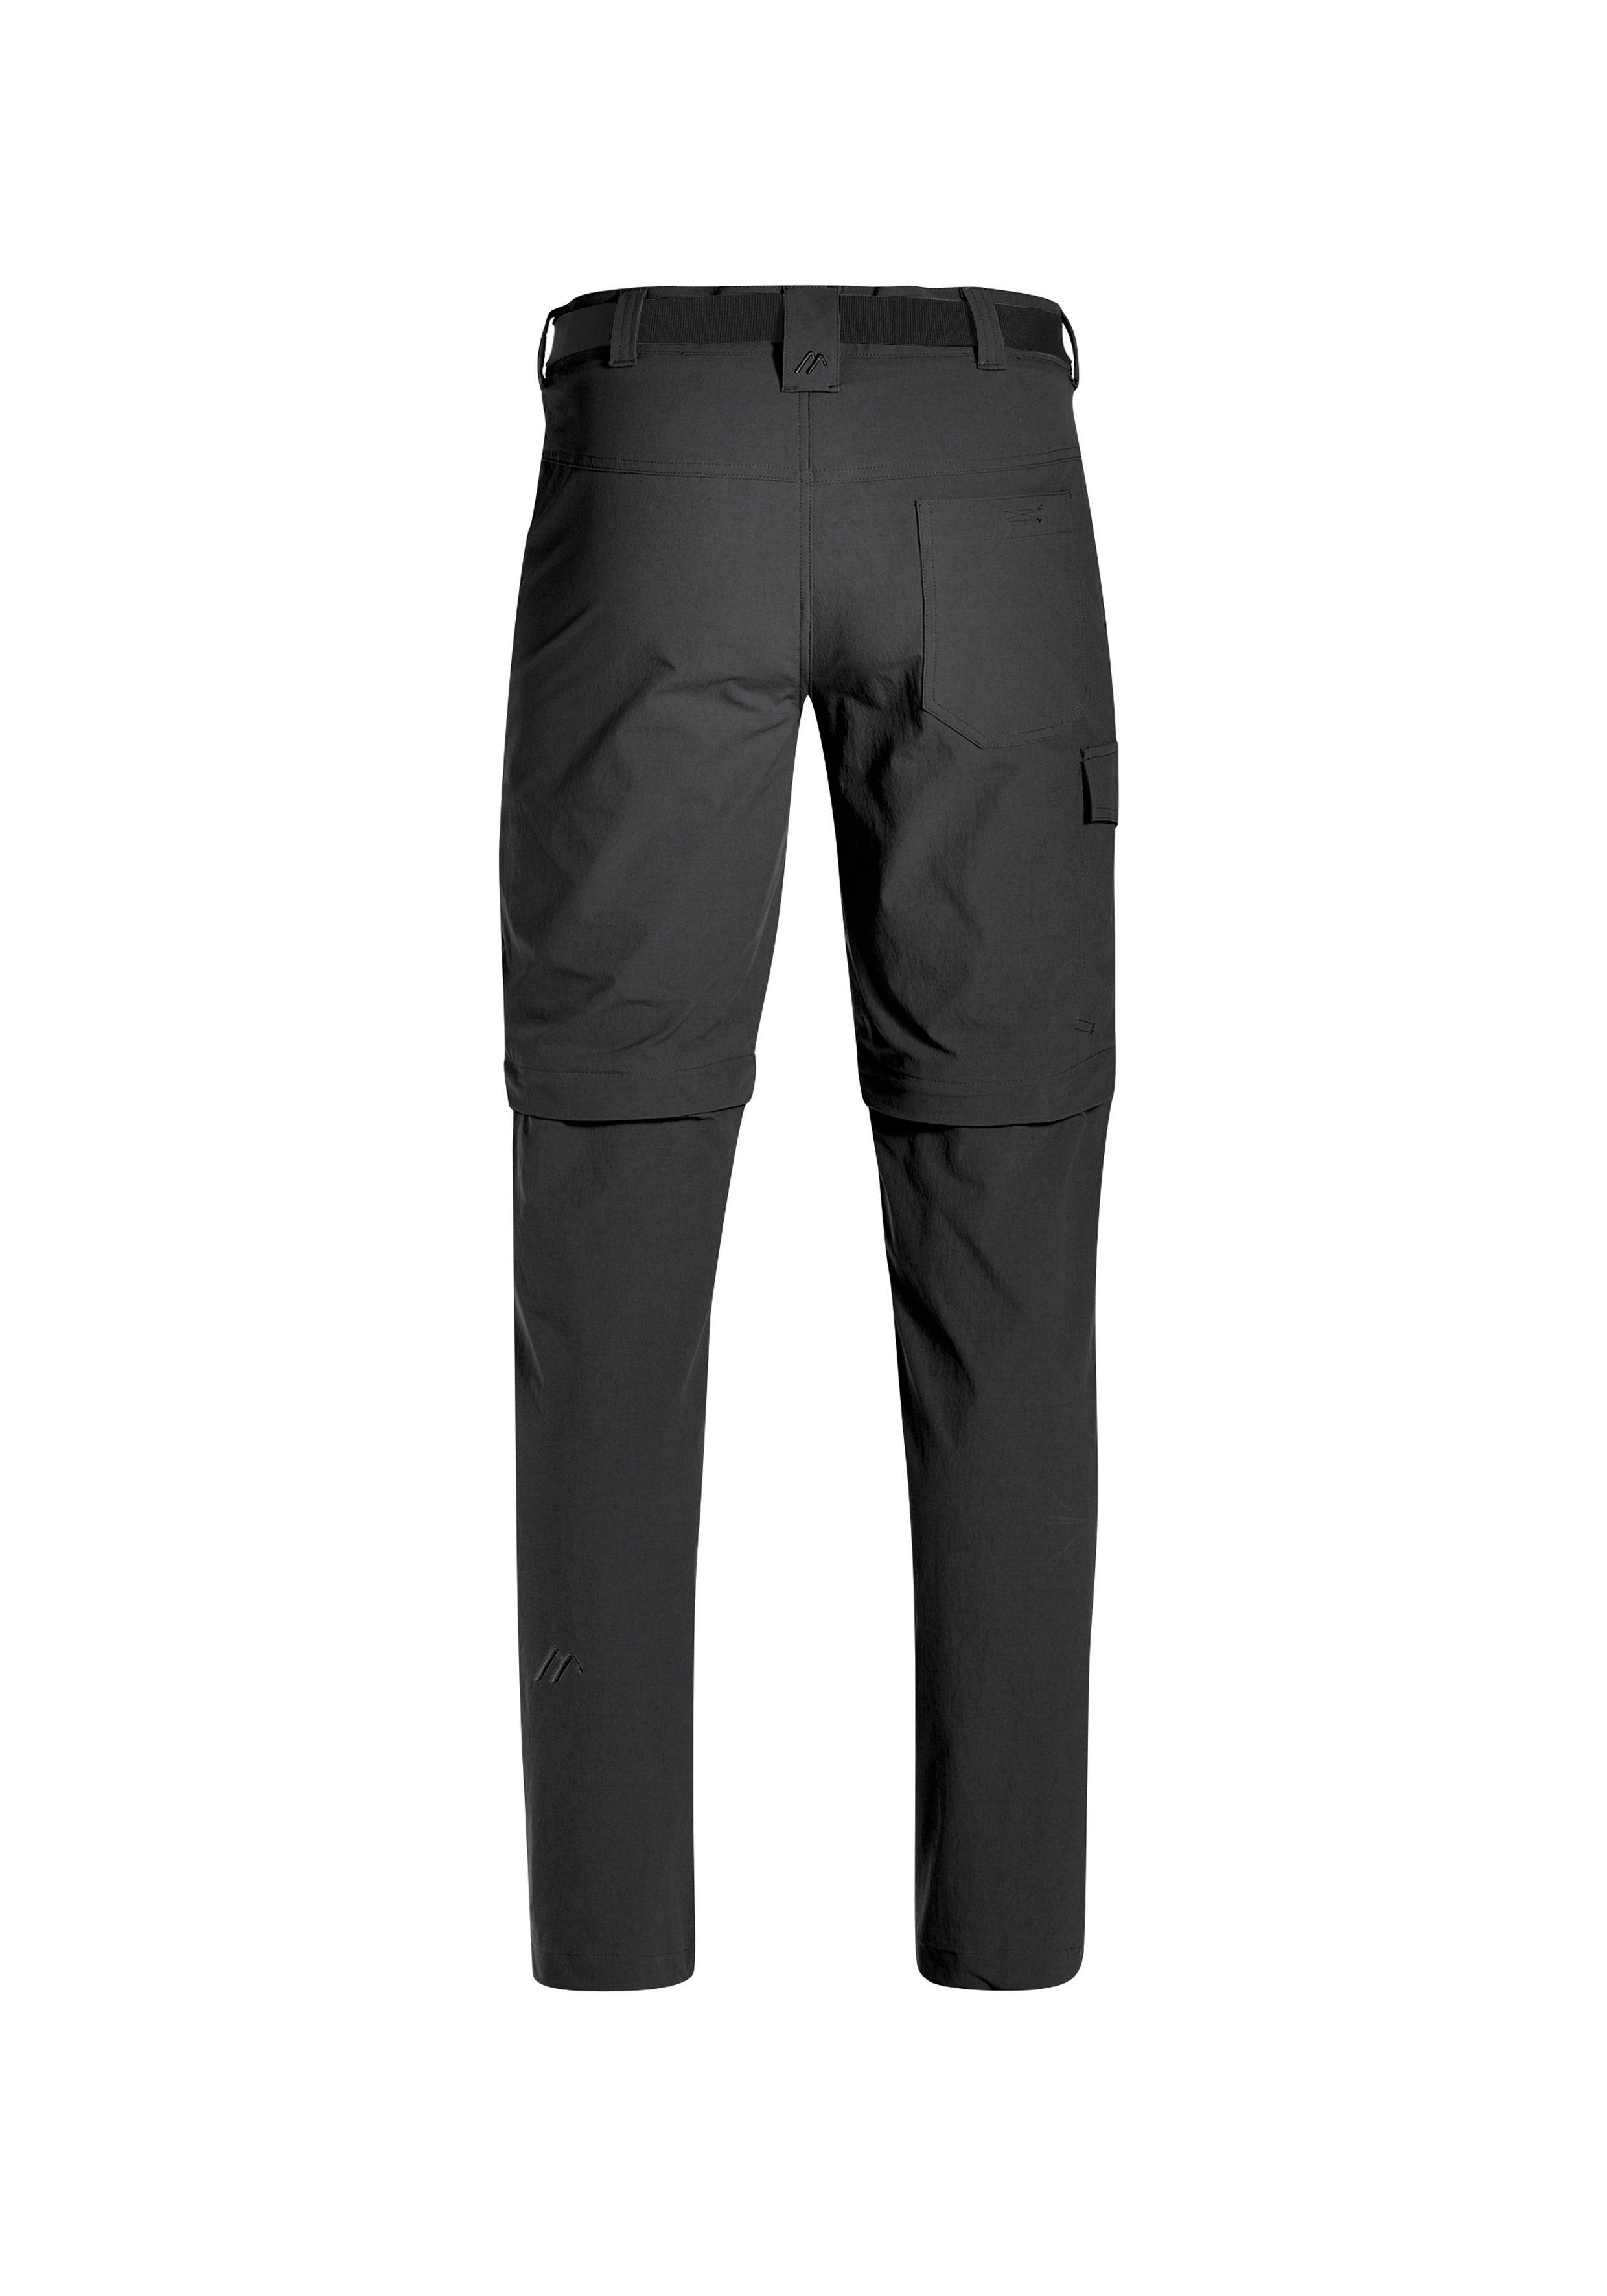 Maier Sports functionele broek Torid slim zip Smalle outdoorbroek met zipp-off online kopen op otto.nl